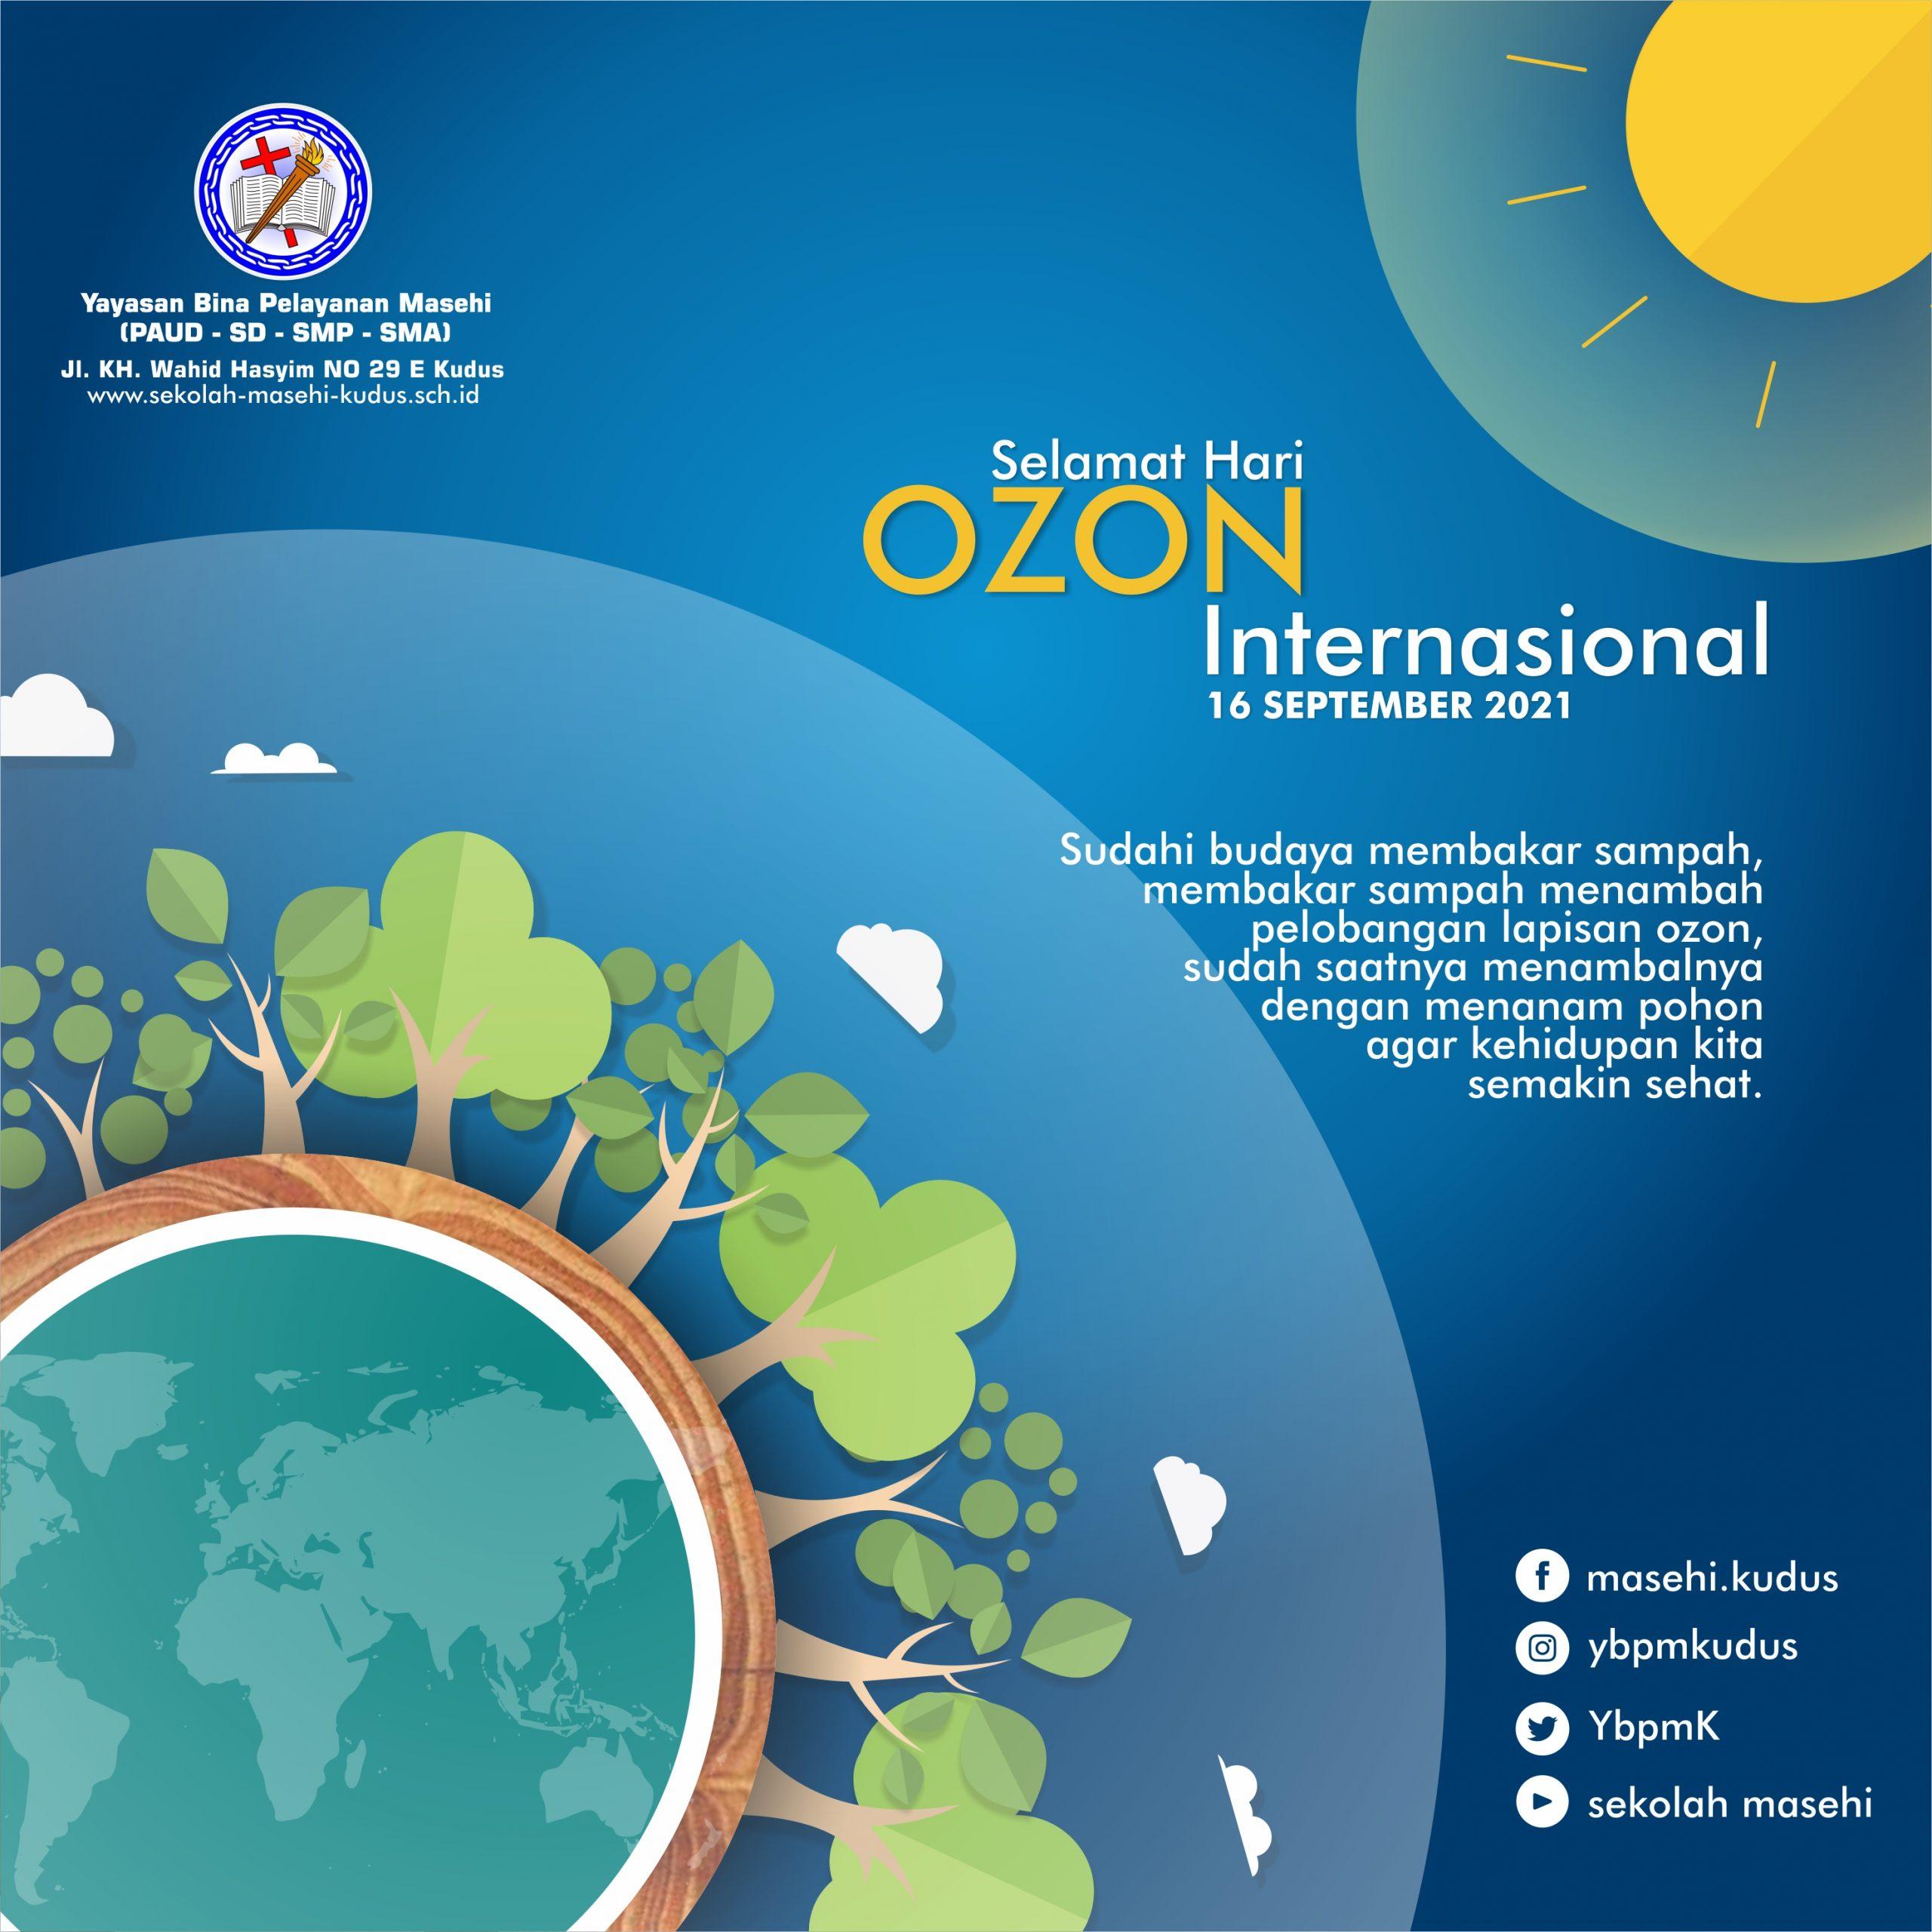 Selamat Hari Ozon Internasional